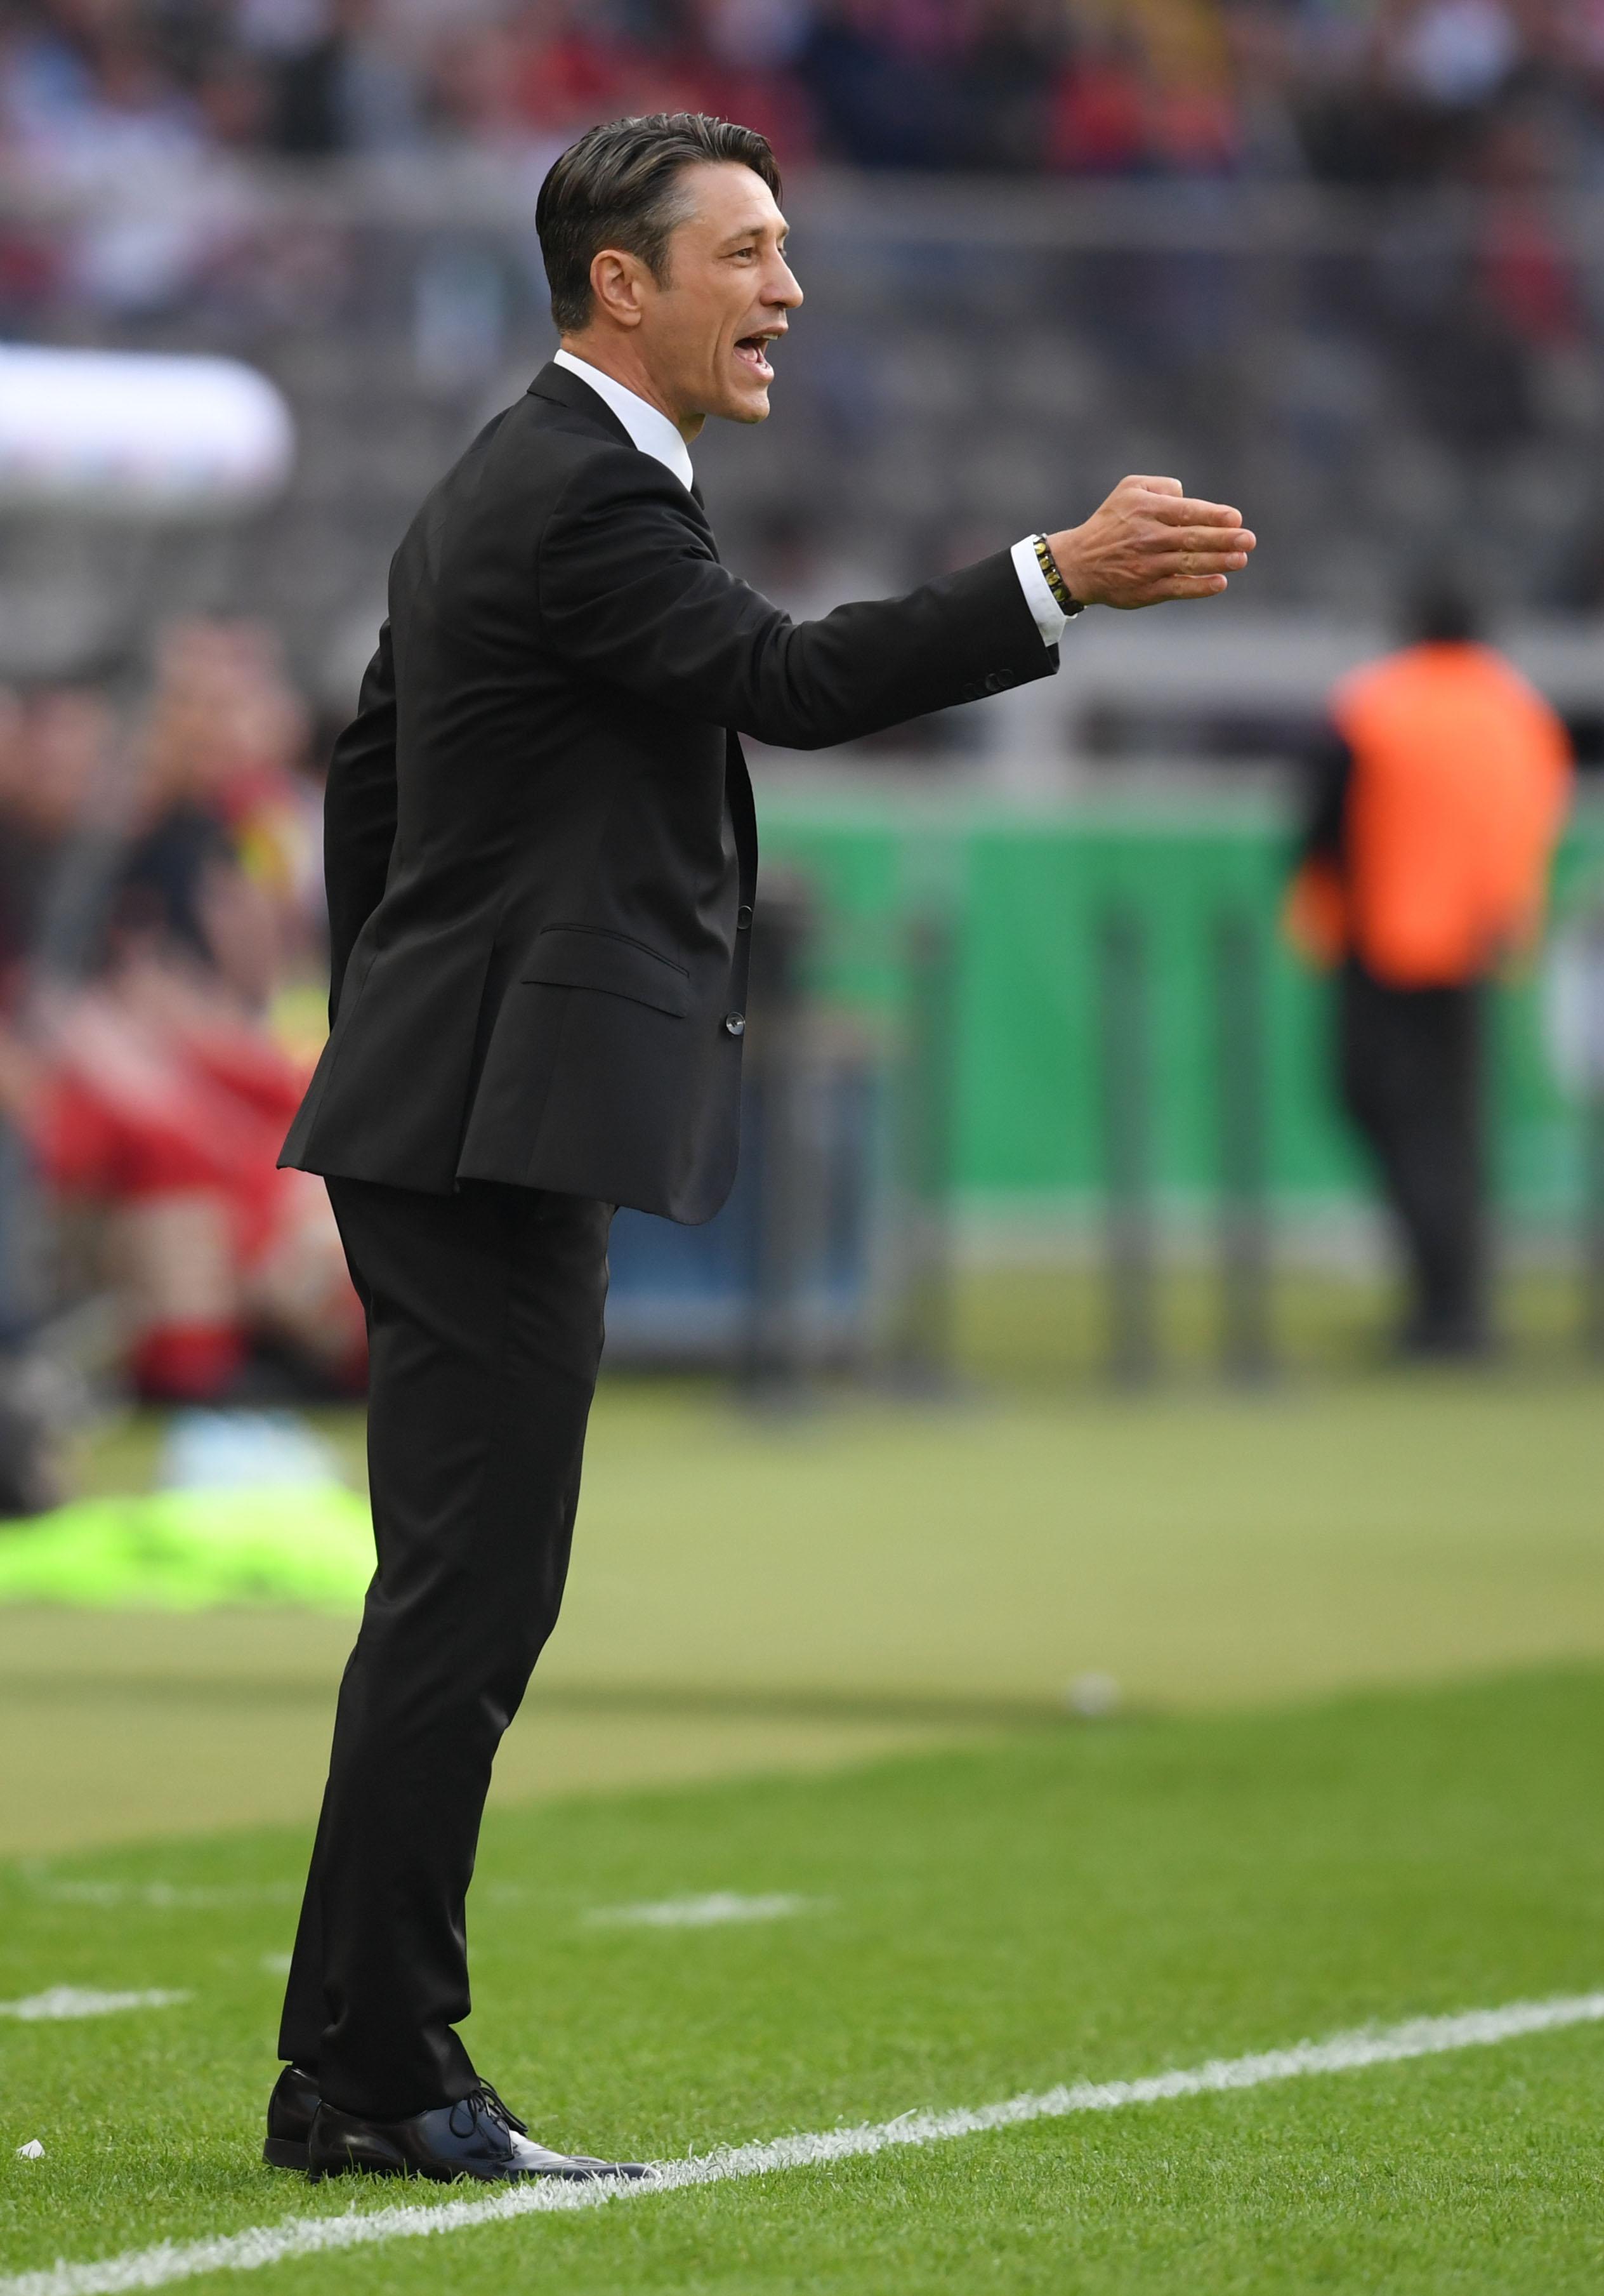 Der neue Bayern-Trainer Niko Kovac hat sich in der Causa Özil/Gündogan klar geäußert.